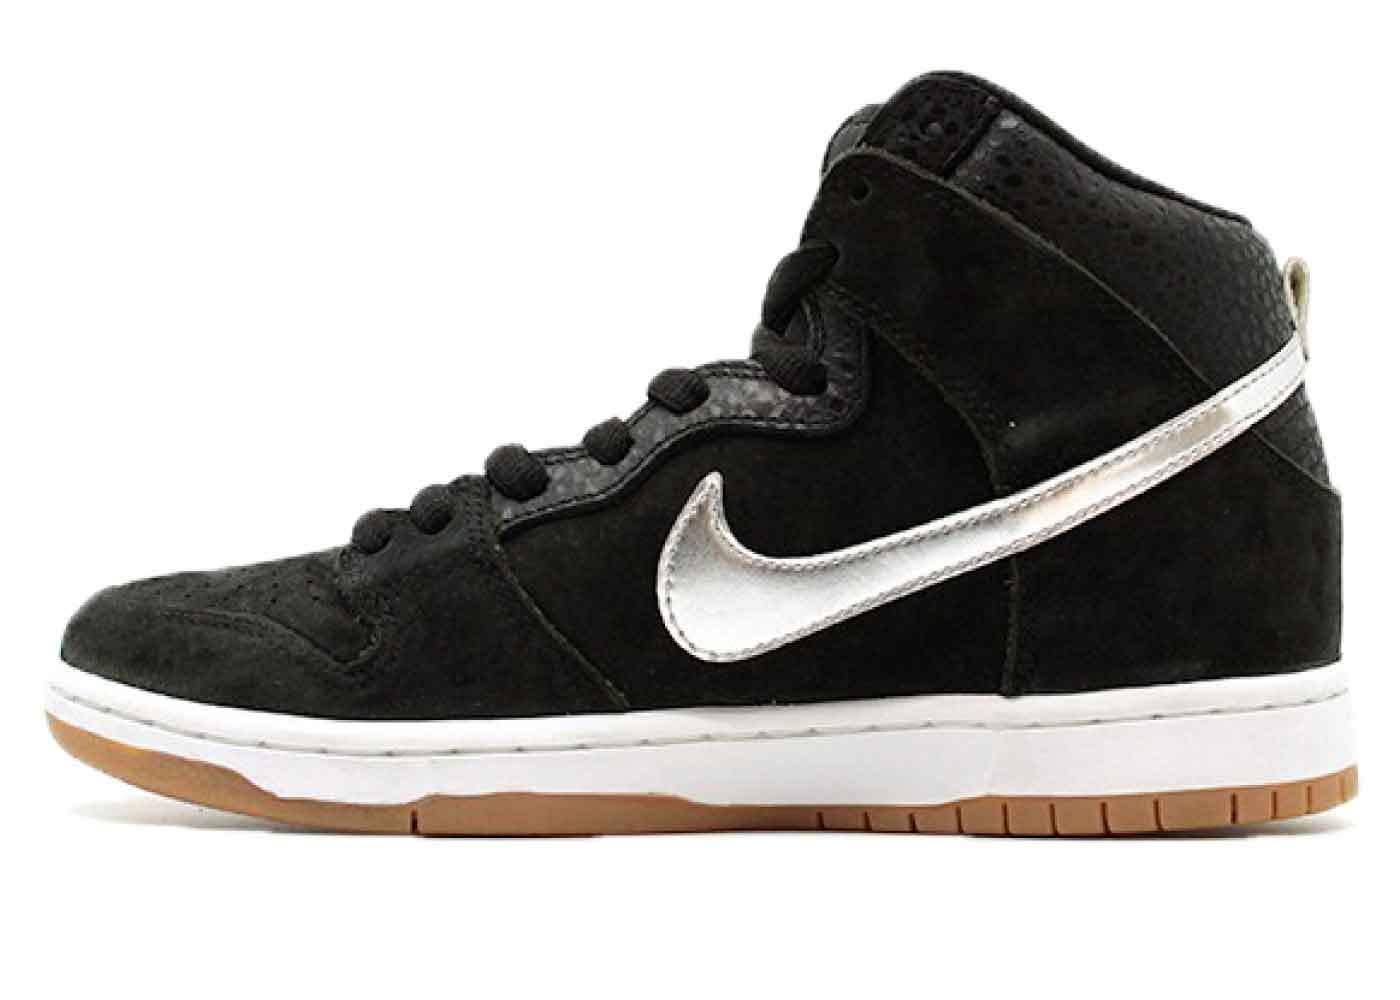 """Nike SB Dunk High Nigel Sylvester """"S.O.M.P.""""の写真"""